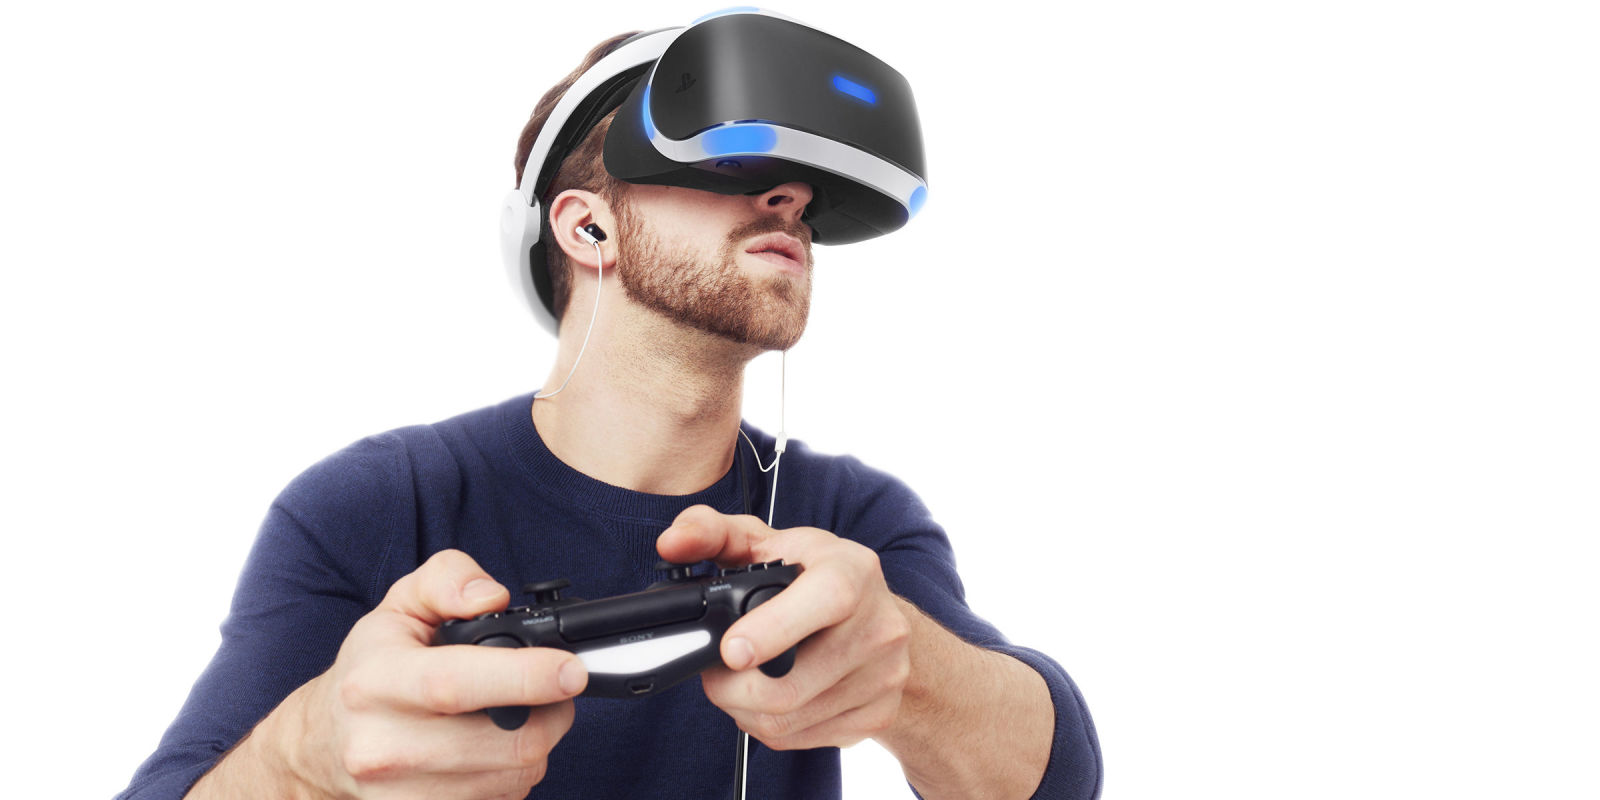 PLaystation VR 4